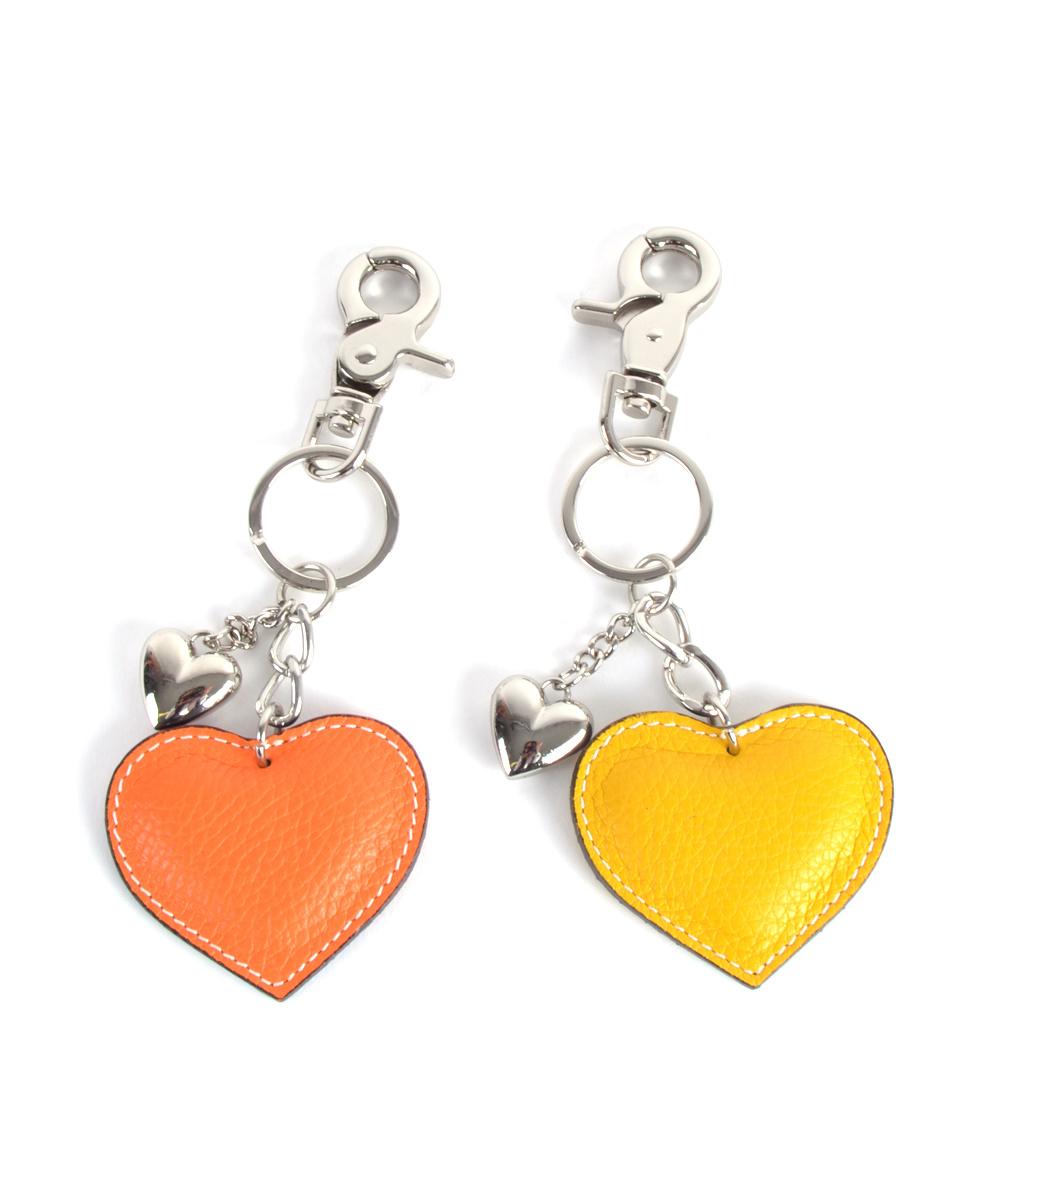 Leren-sleutelhanger-hartjes-geel gele oranje orange leder-leer tassen hangers zilveren-sleutel-hangers-online-bestellen